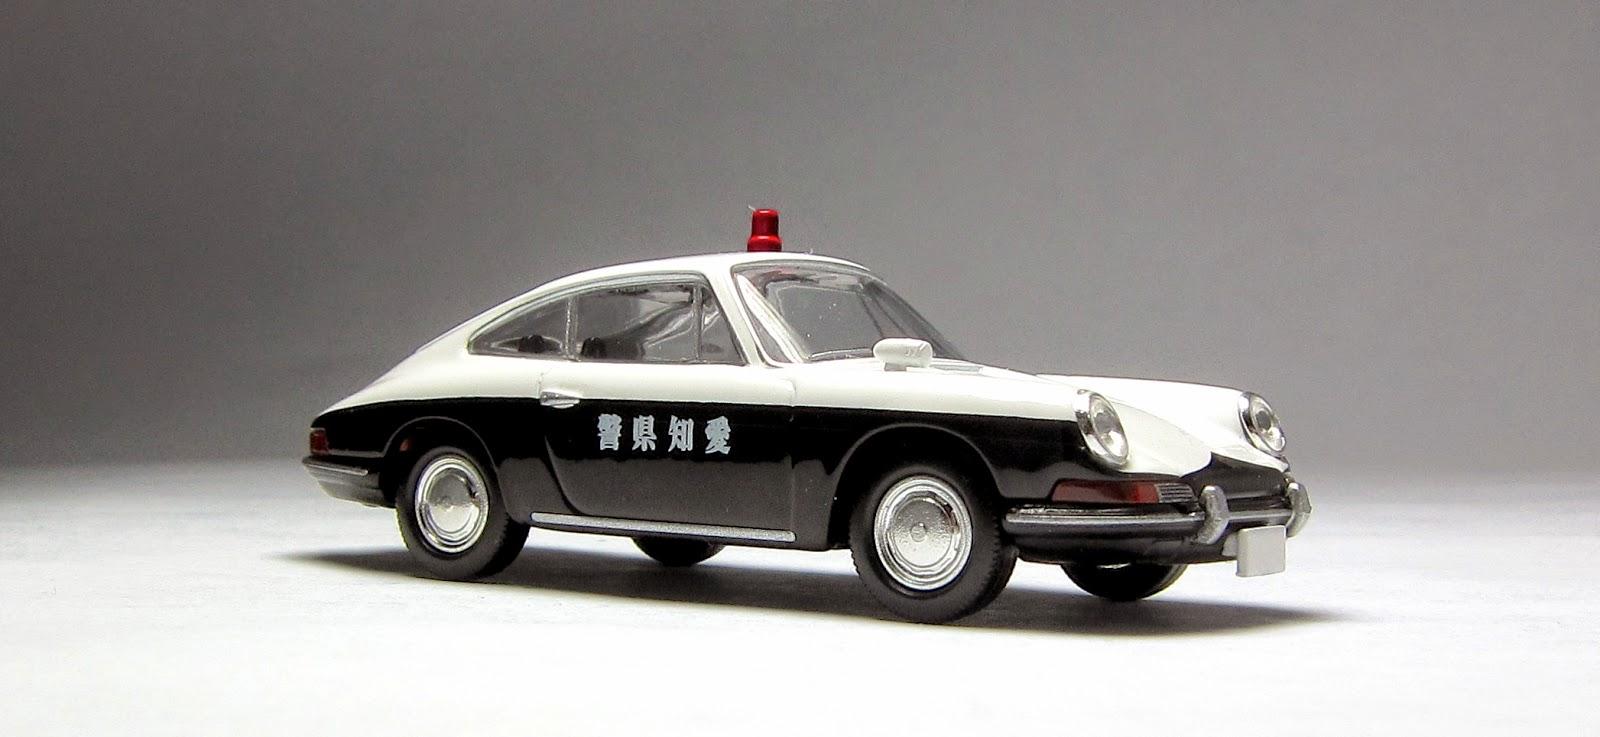 PORSCHE 912 AICHI POLICE (1967)-3.bp.blogspot.com